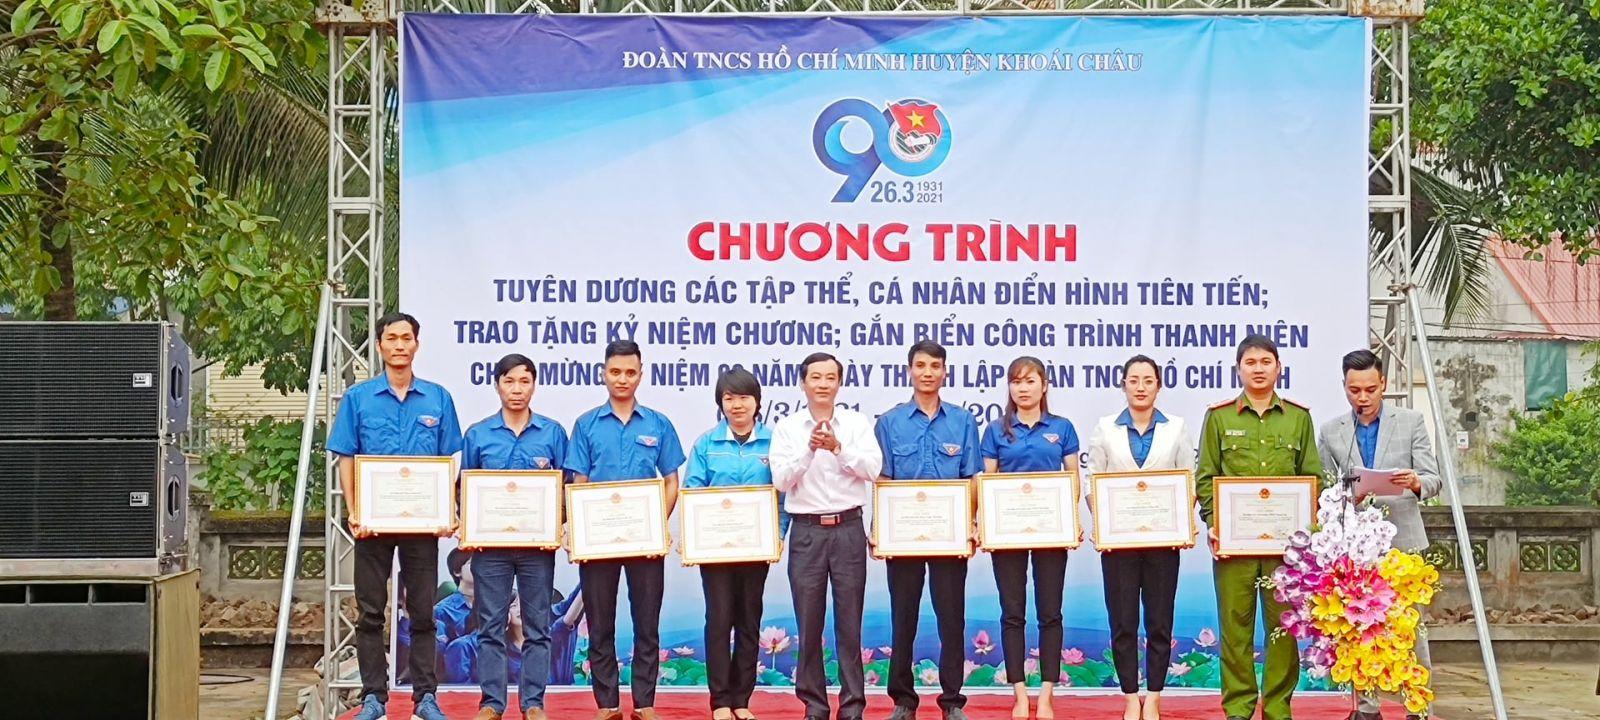 Đoàn TNCS Hồ Chí Minh huyện Khoái Châu học tập và làm theo Bác